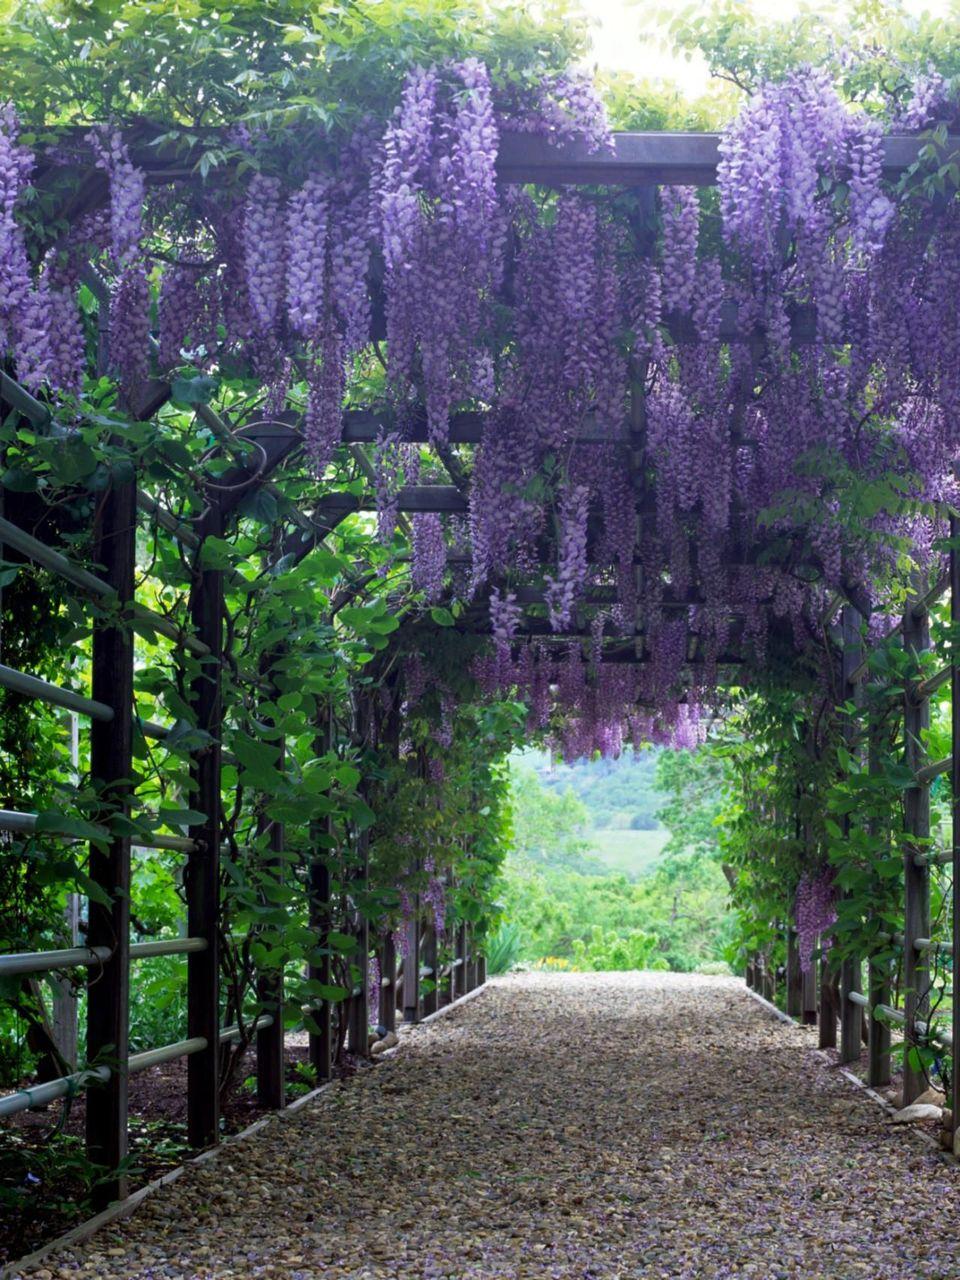 Lucca me levou por uma pequena estrada de pedras batidas, as árvores com folhas densas faziam uma grande sombra em todo o caminho